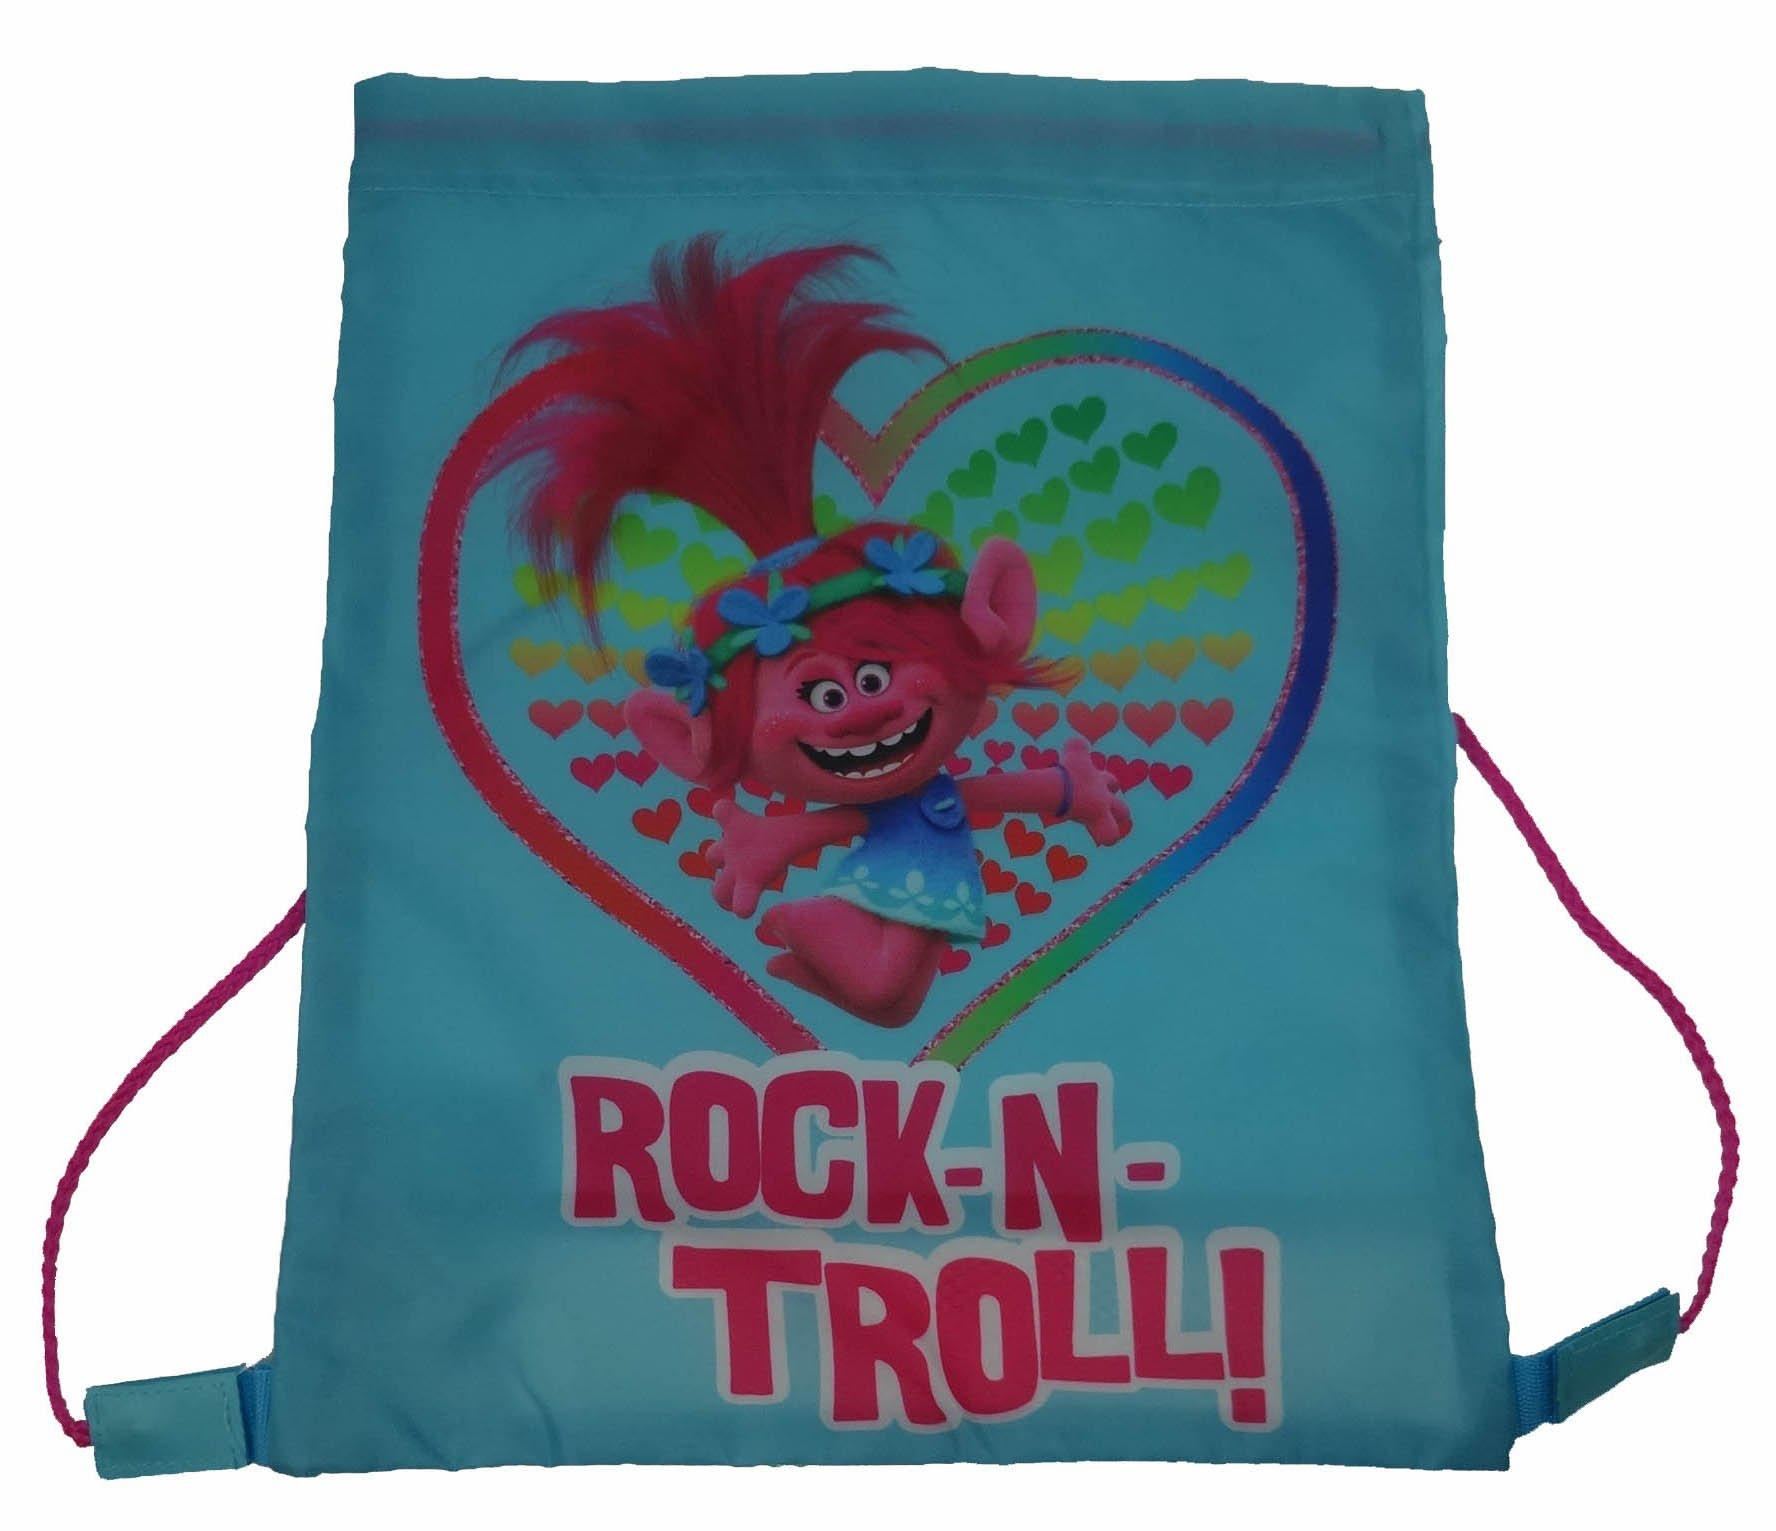 Trolls Rock-n-troll! Drawstring School Pe Gym Trainer Bag